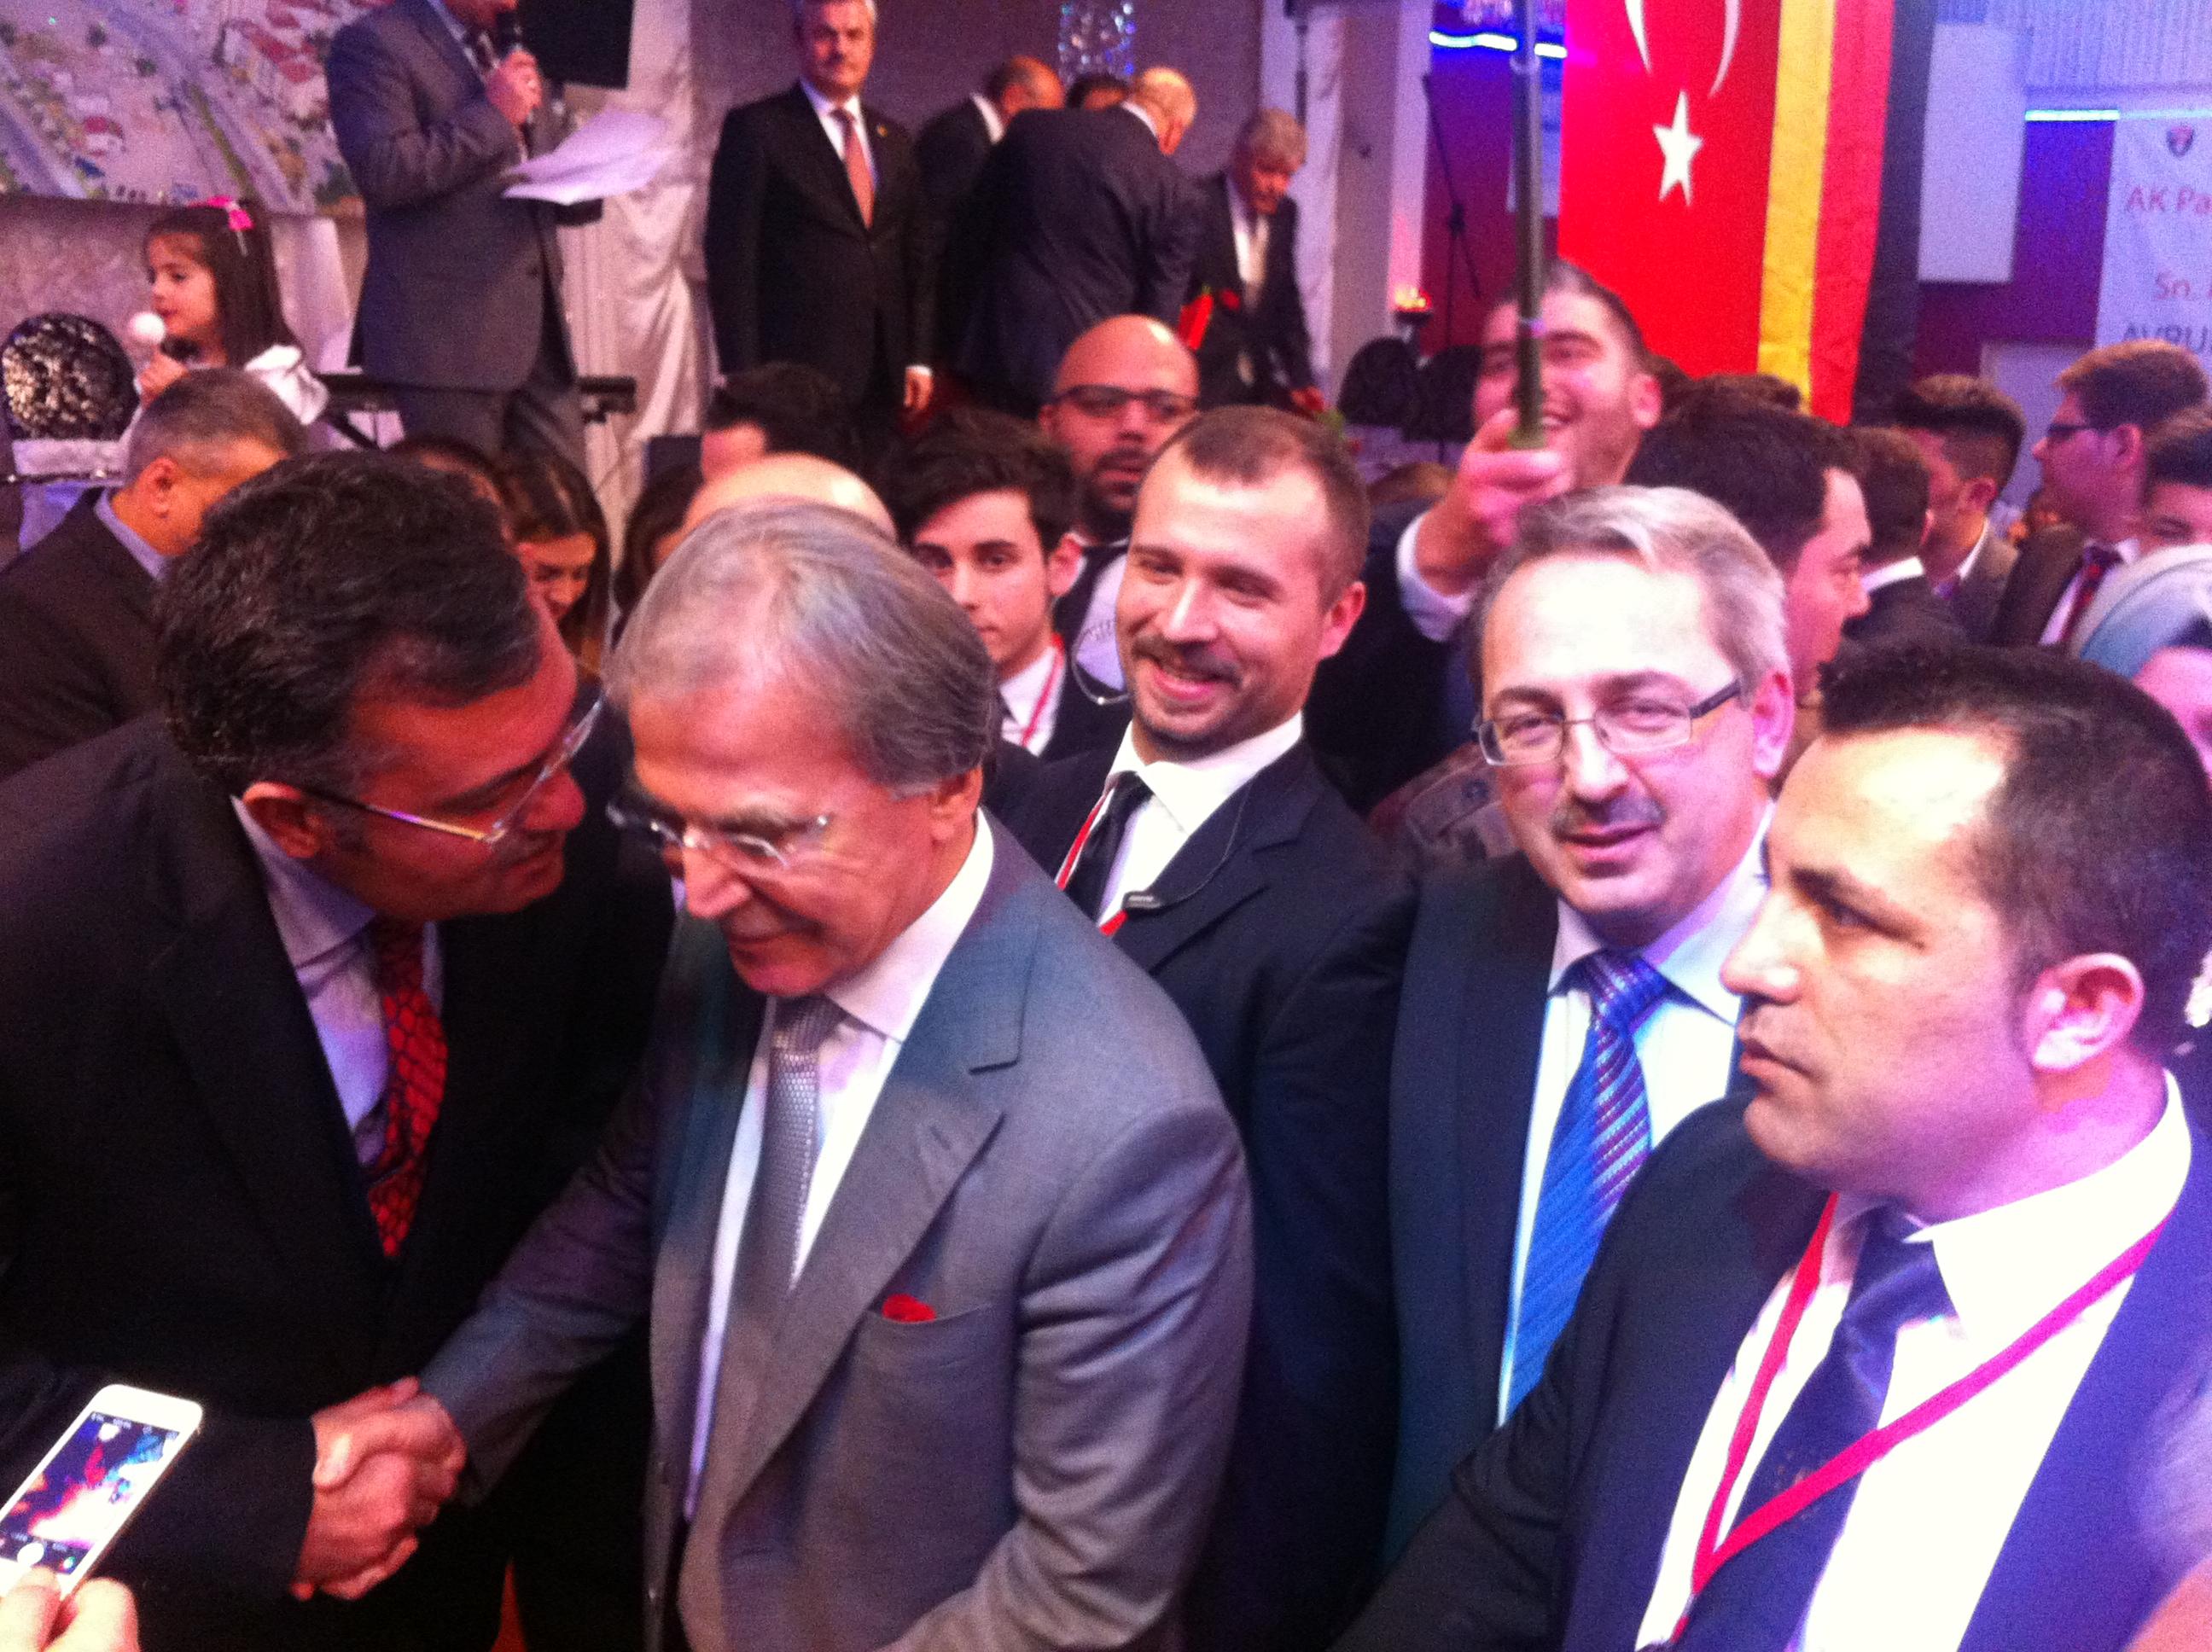 Basbakan Yardımcısı Sayın Mehmet Ali Şahin programı 2015